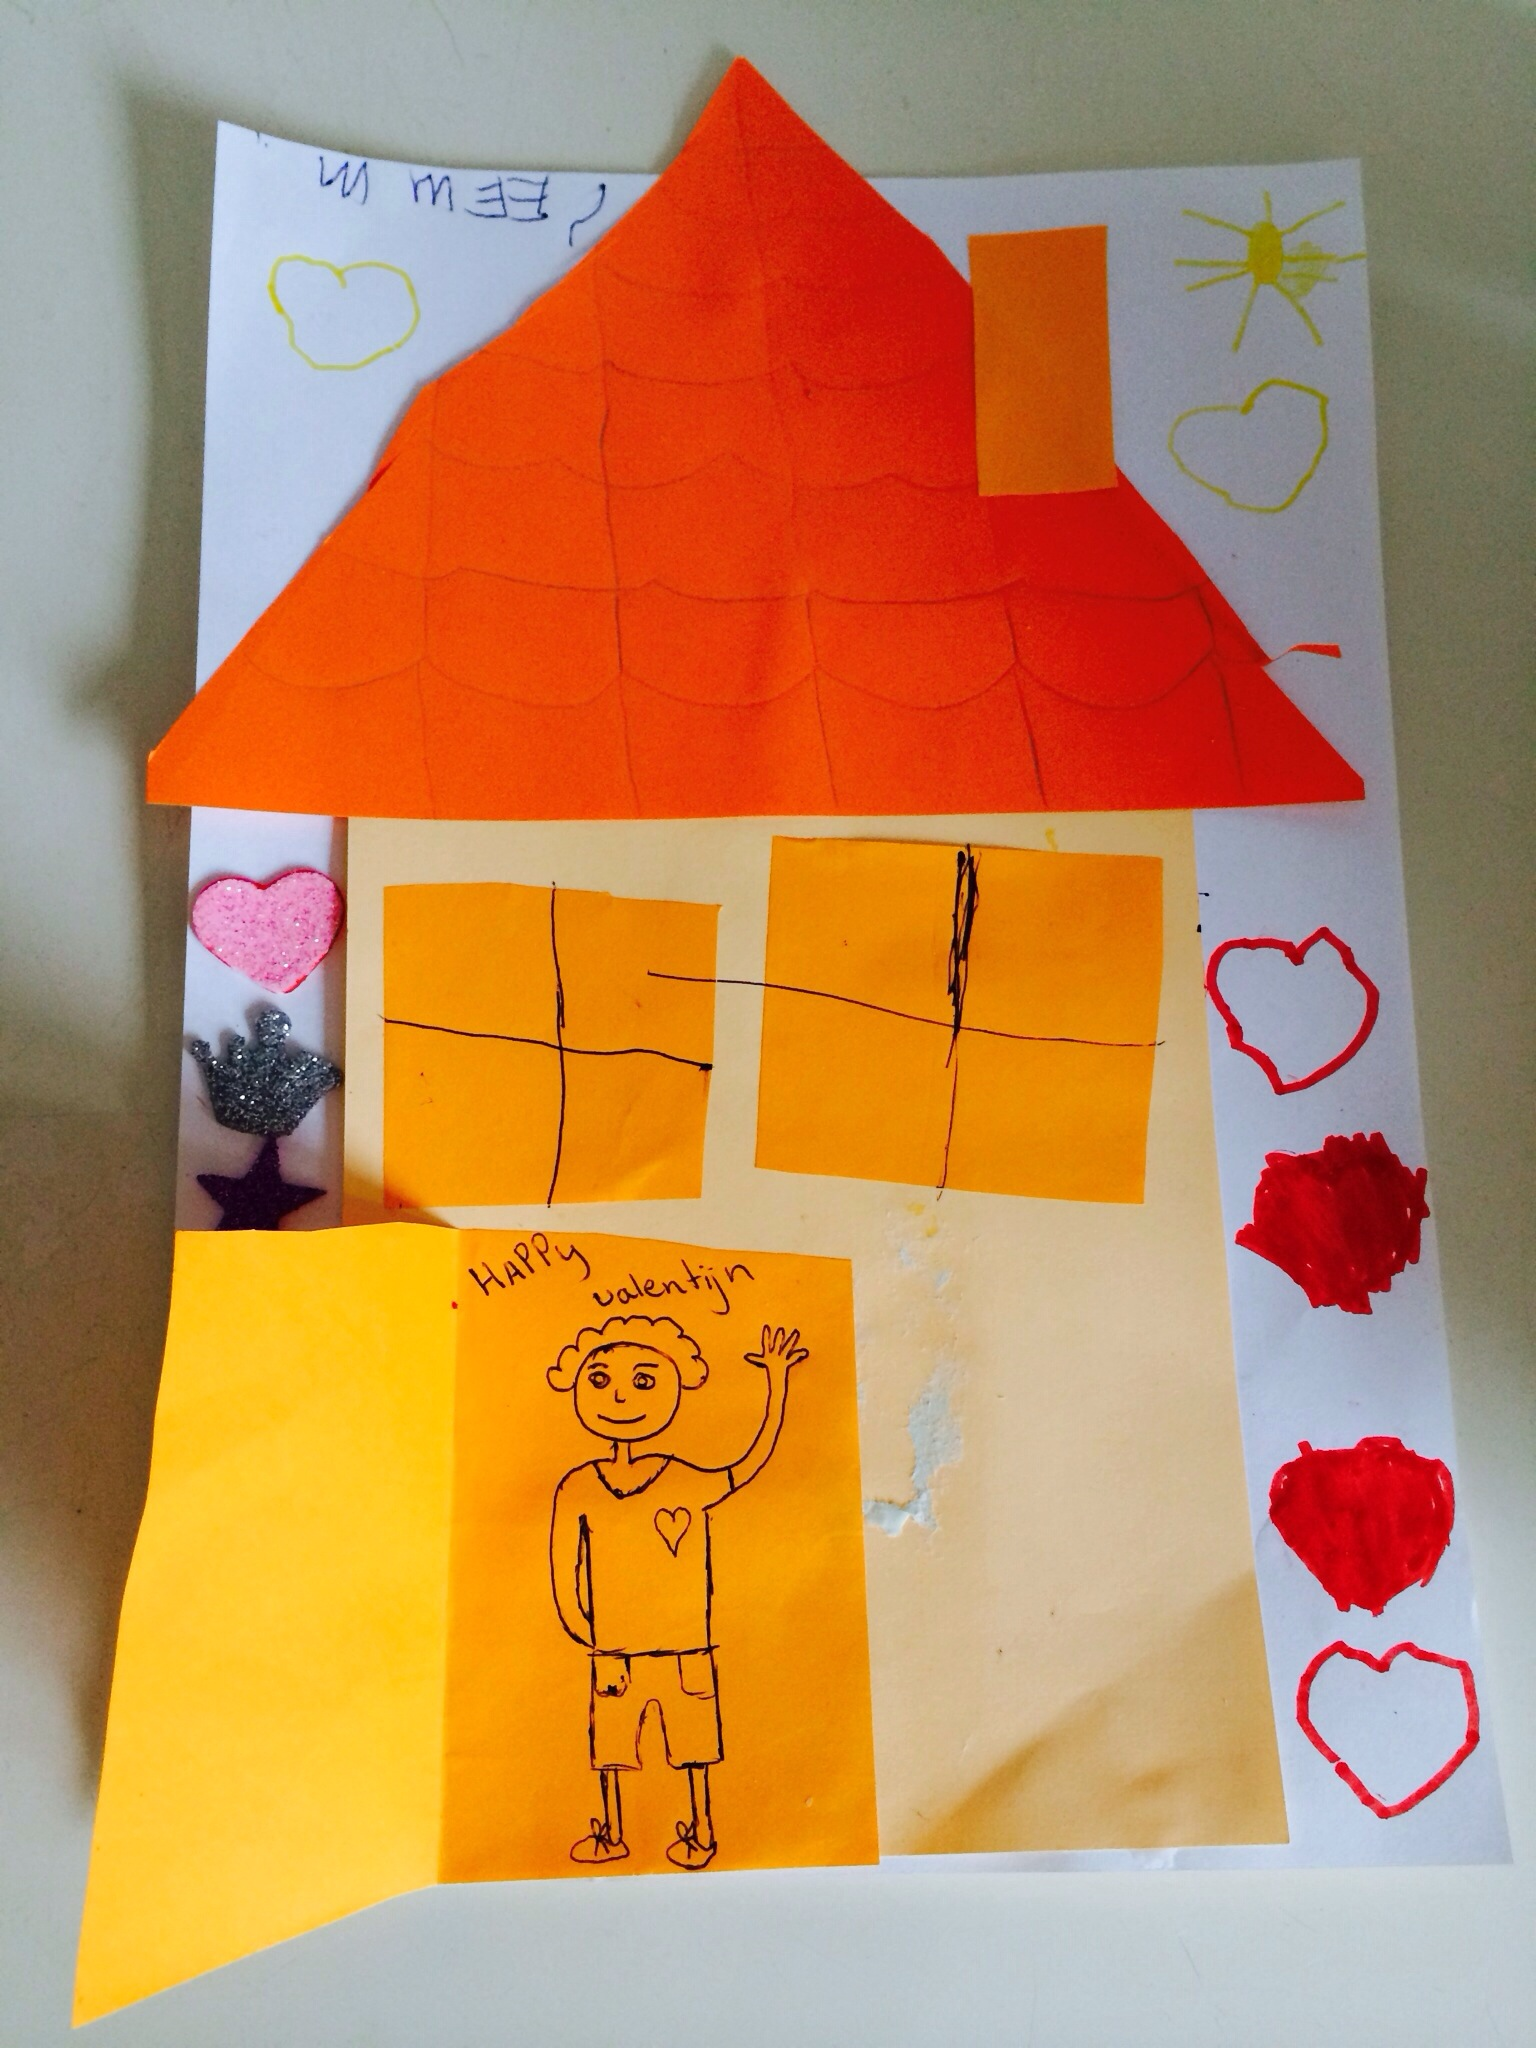 Liefdes huisje